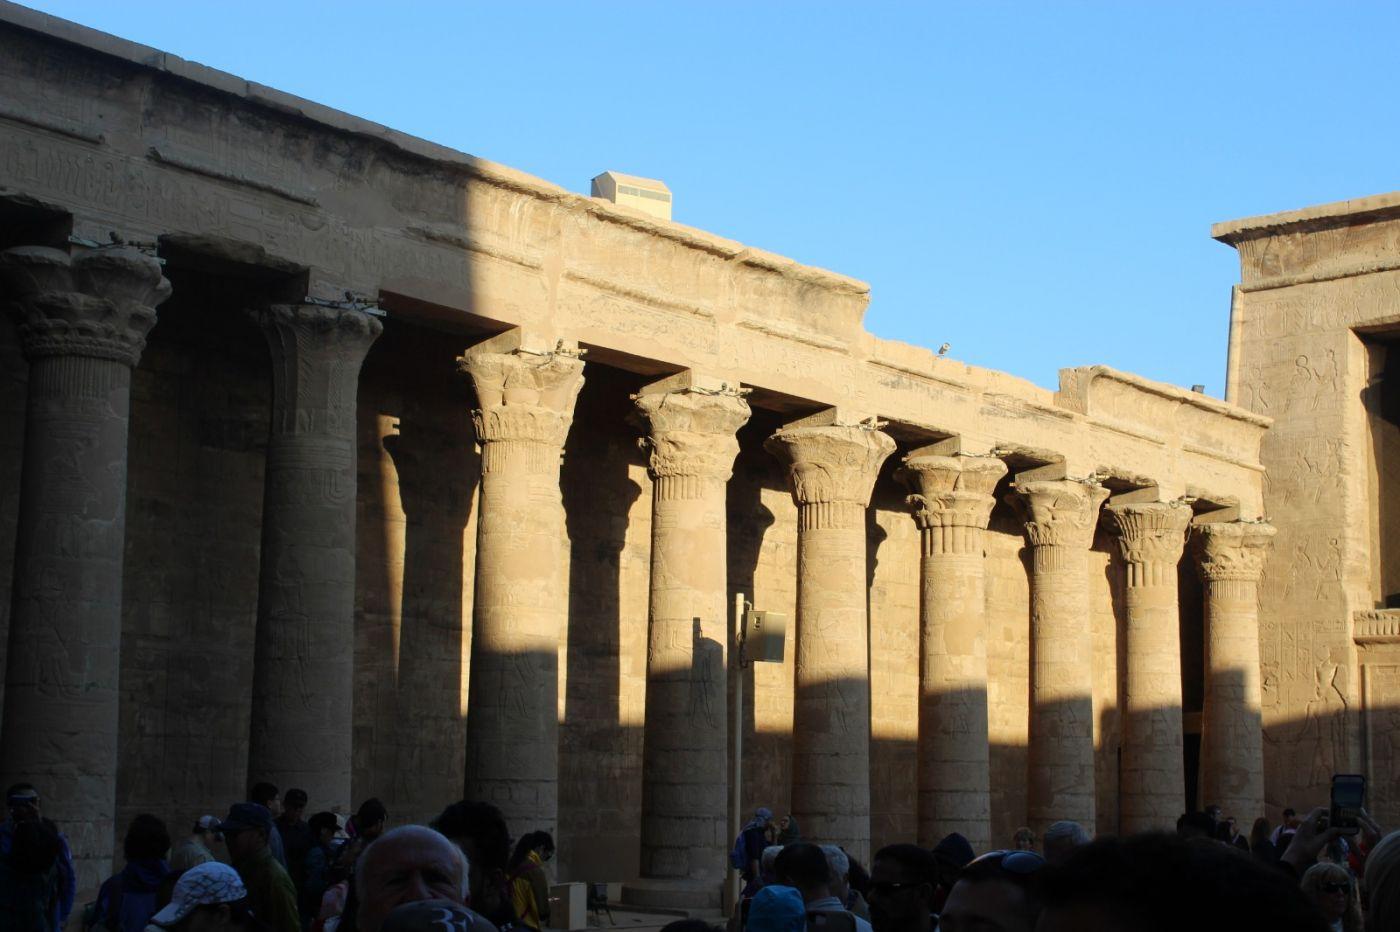 埃德富神庙和卢克索神庙_图1-7